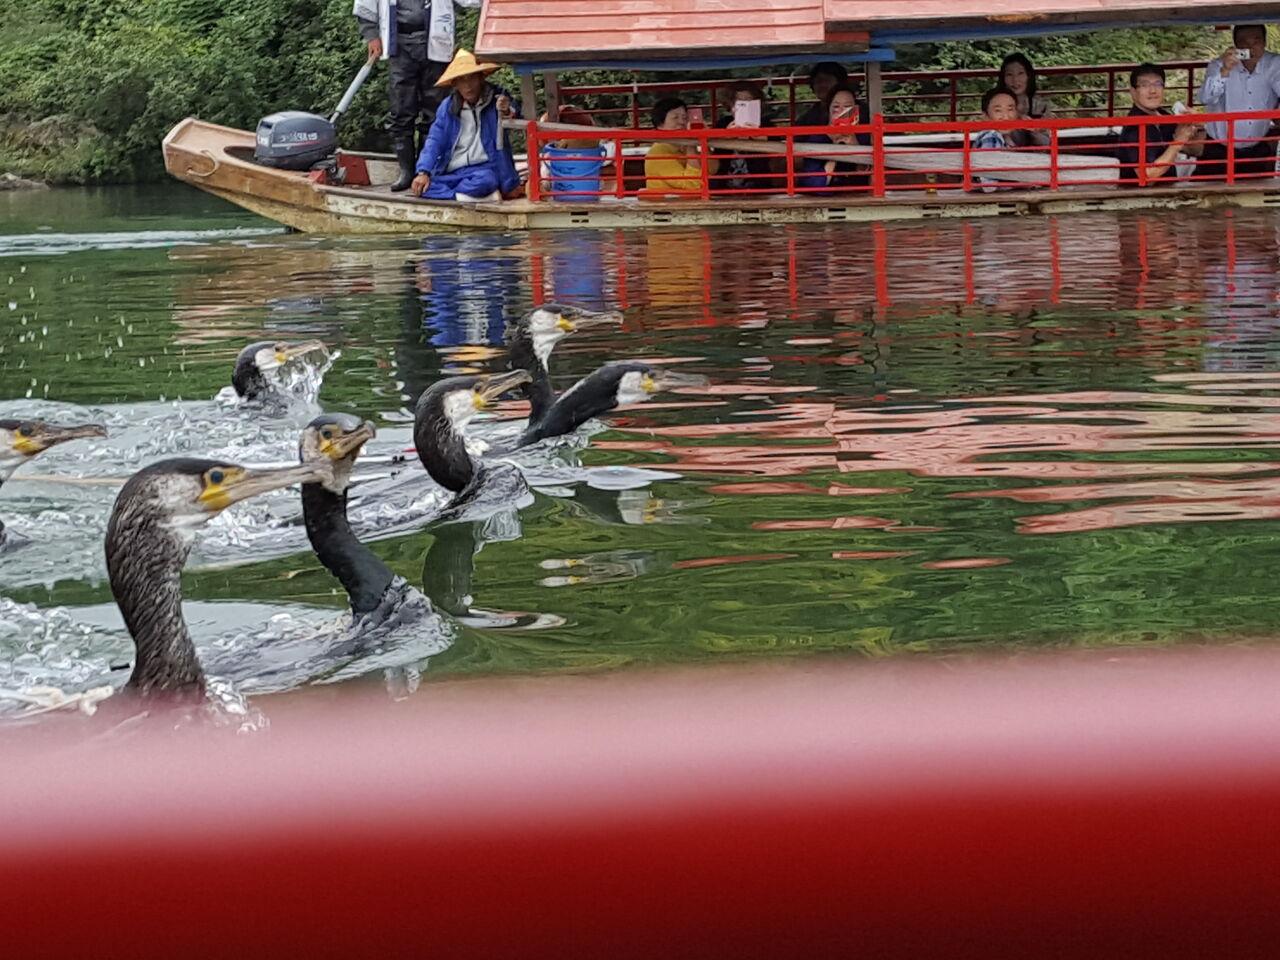 鮎を求めて競ってダッシュする鵜たち 撮影・たかのぶ